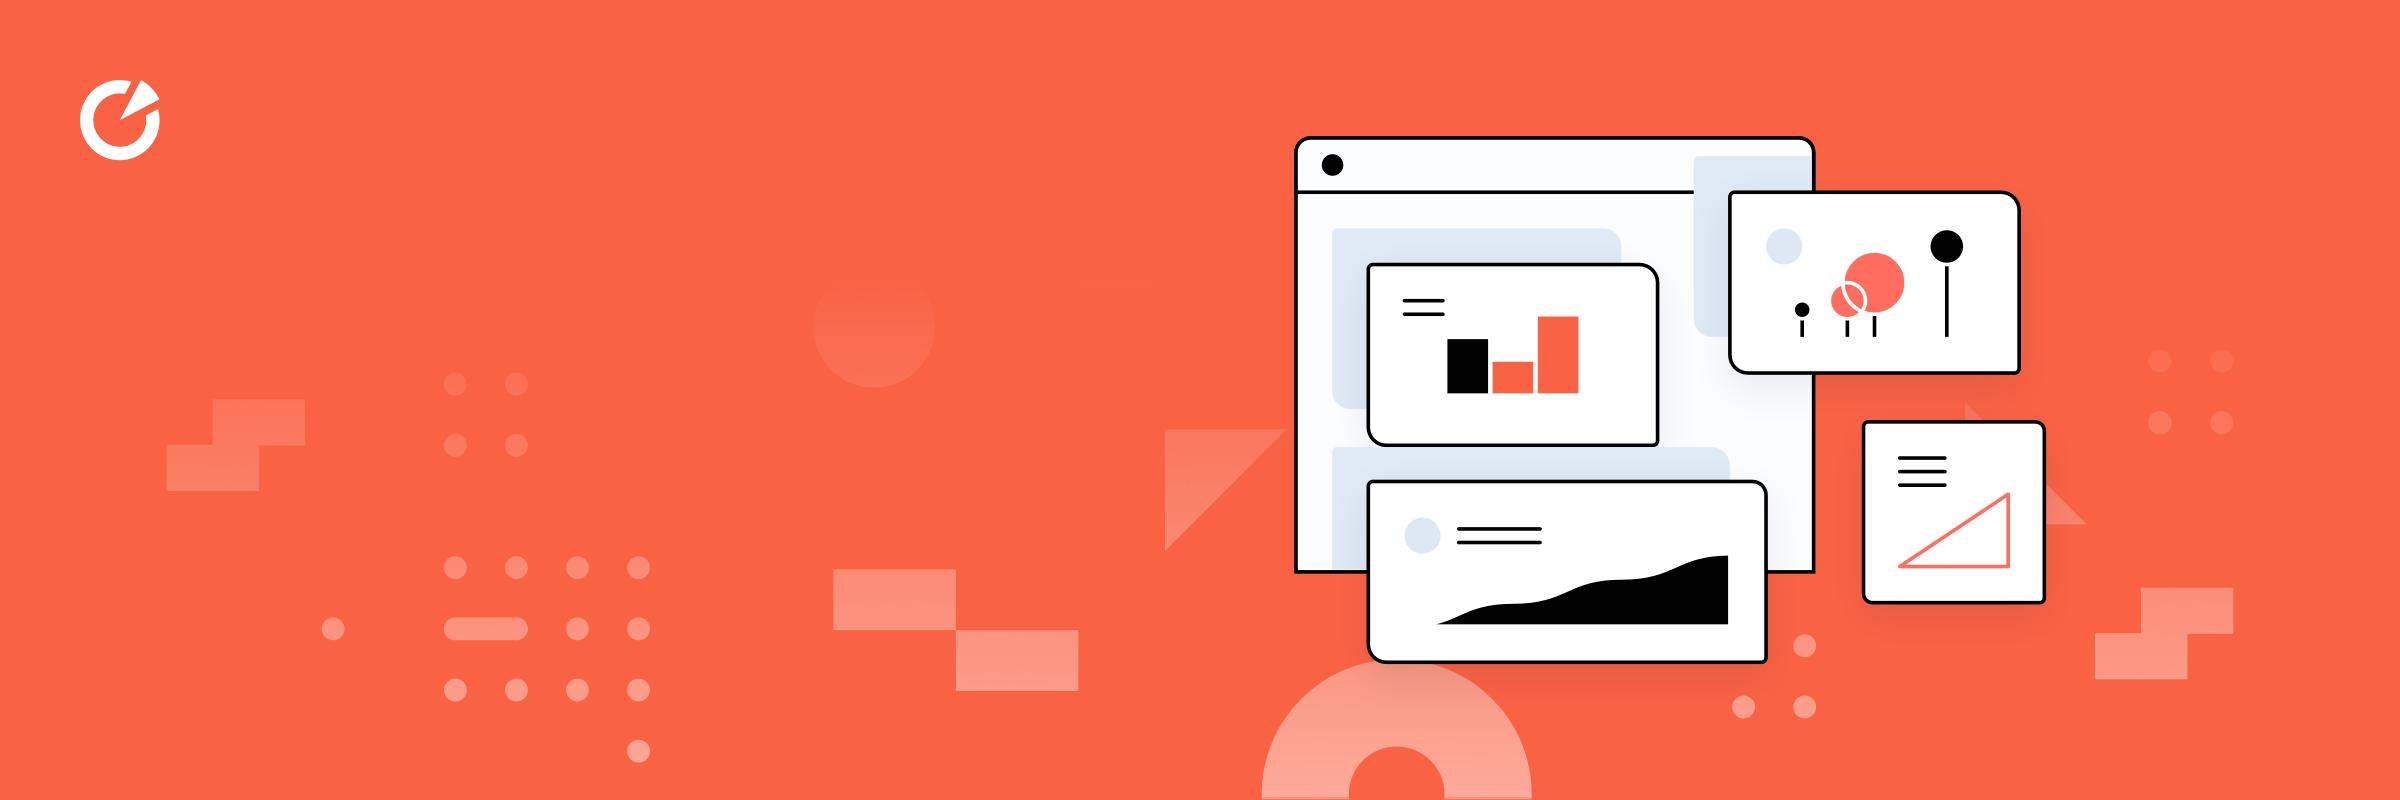 3 Ways to Optimise SEO Content Strategies through SERP Analysis